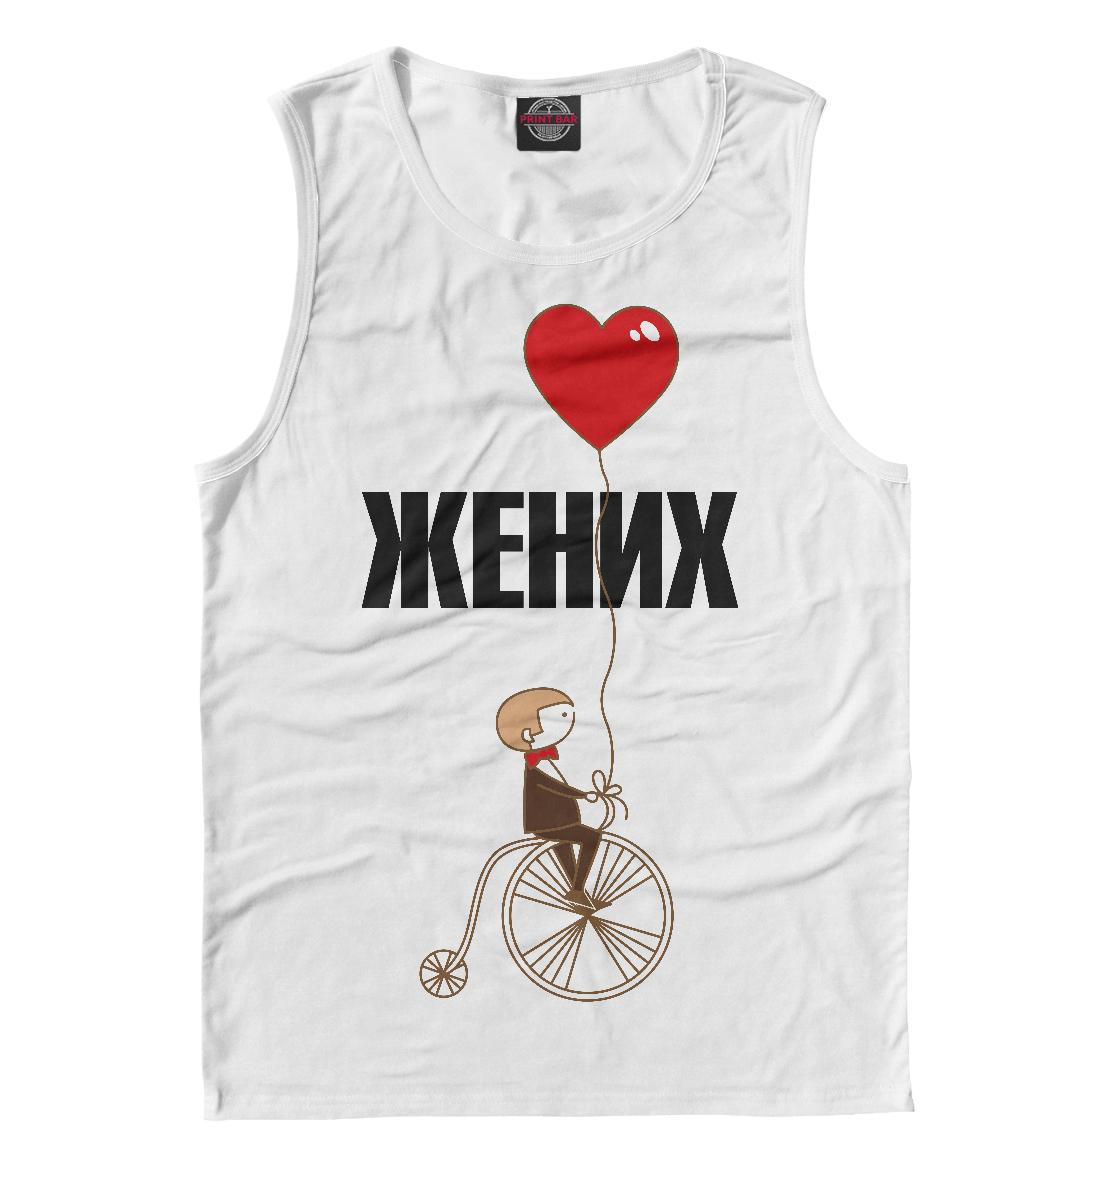 Купить Жених на велосипеде, Printbar, Майки, SVD-259326-may-2